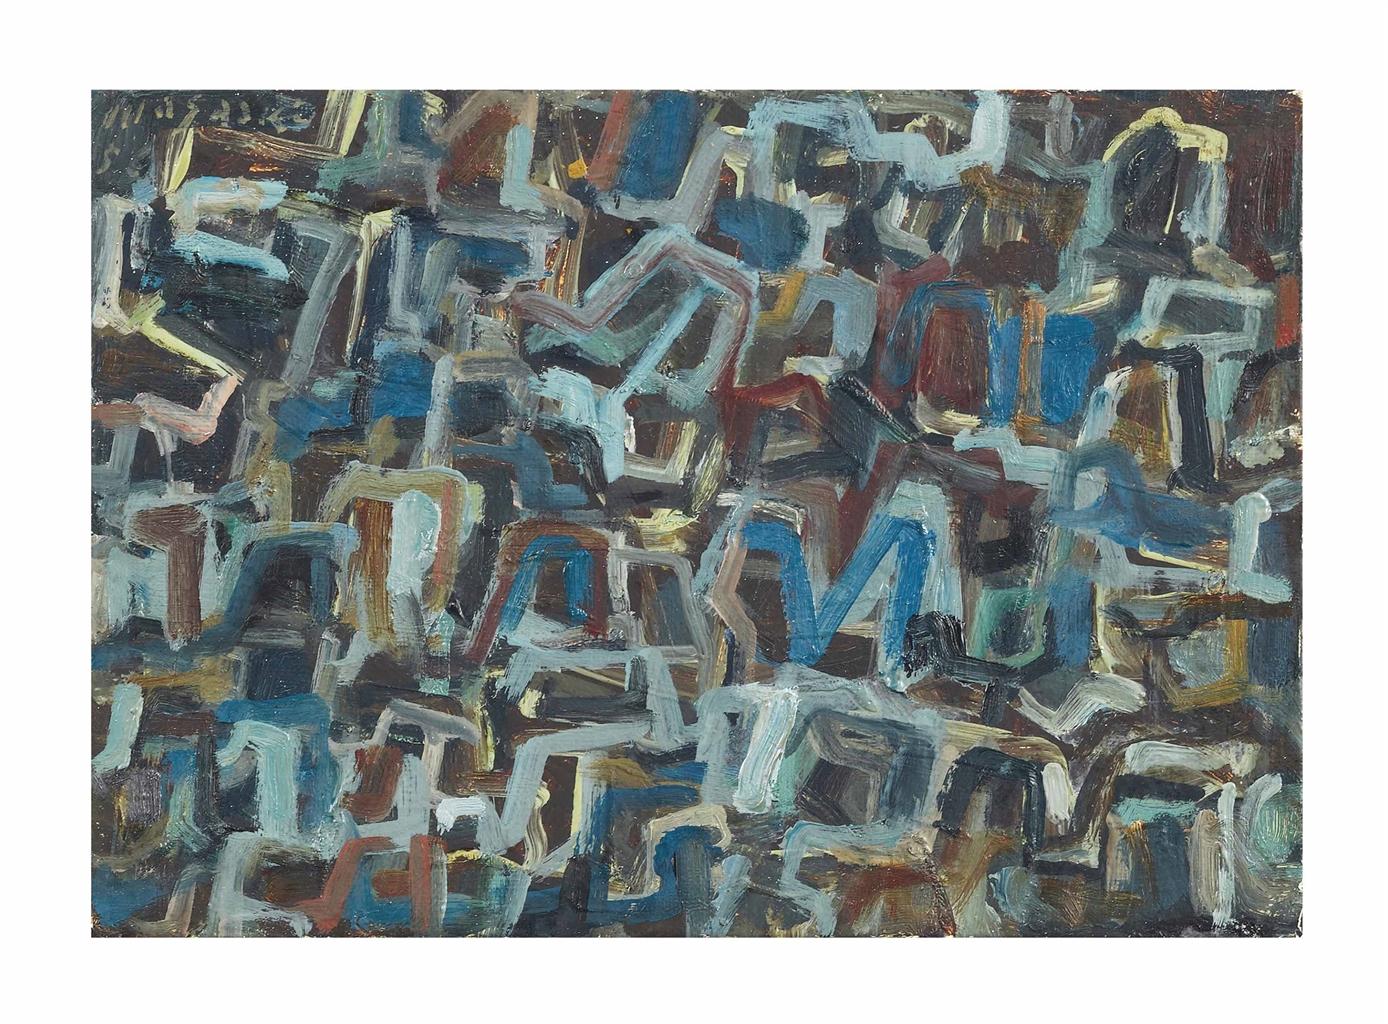 Masaaki Yamada-Work, no. B.0-1956